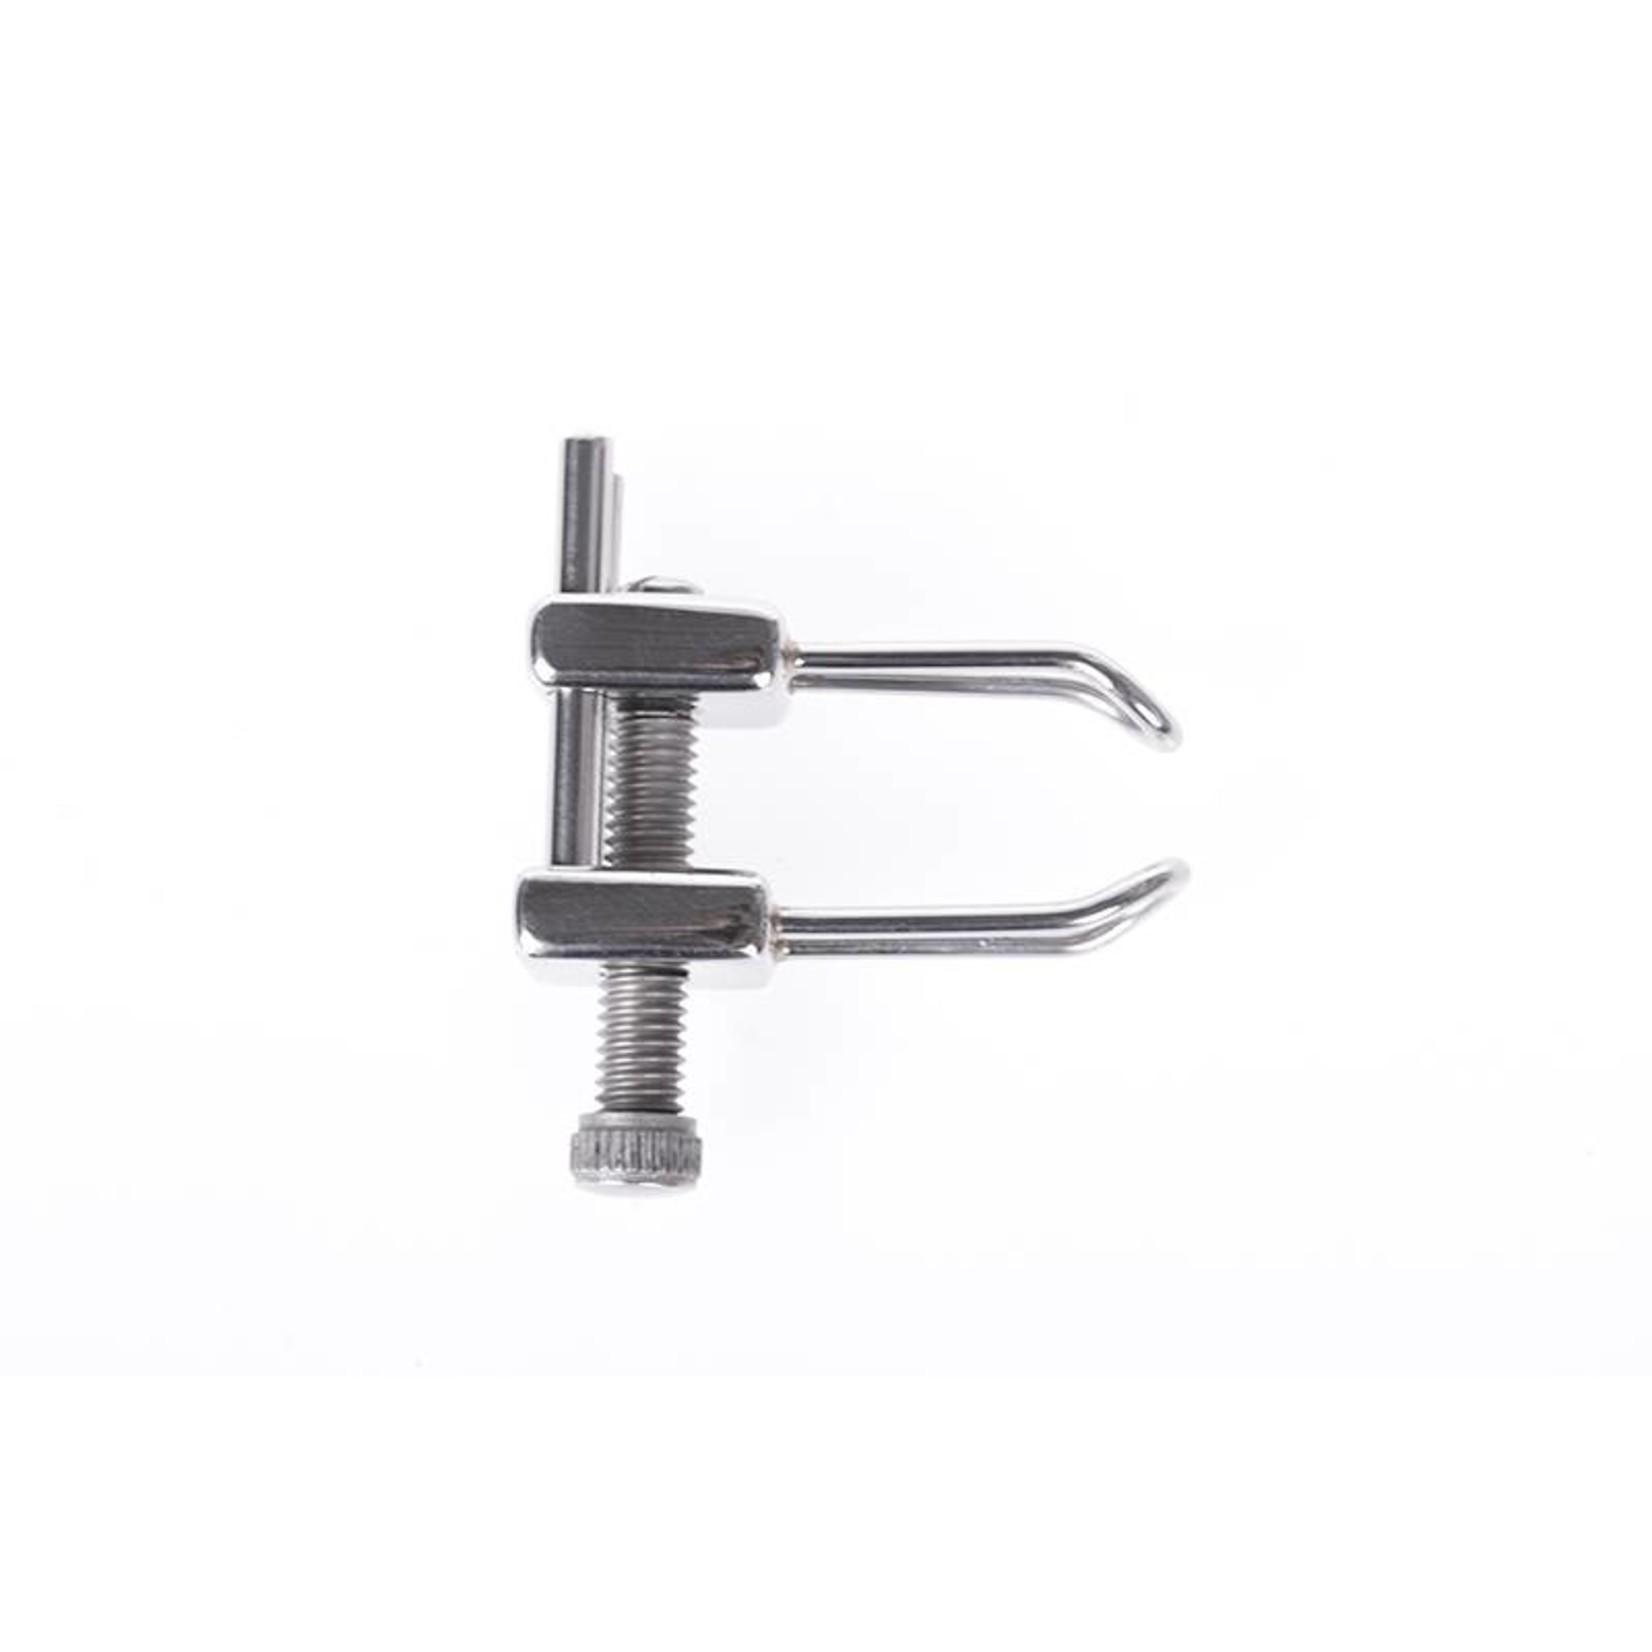 KIOTOS Steel Adjustable Nose Shackle